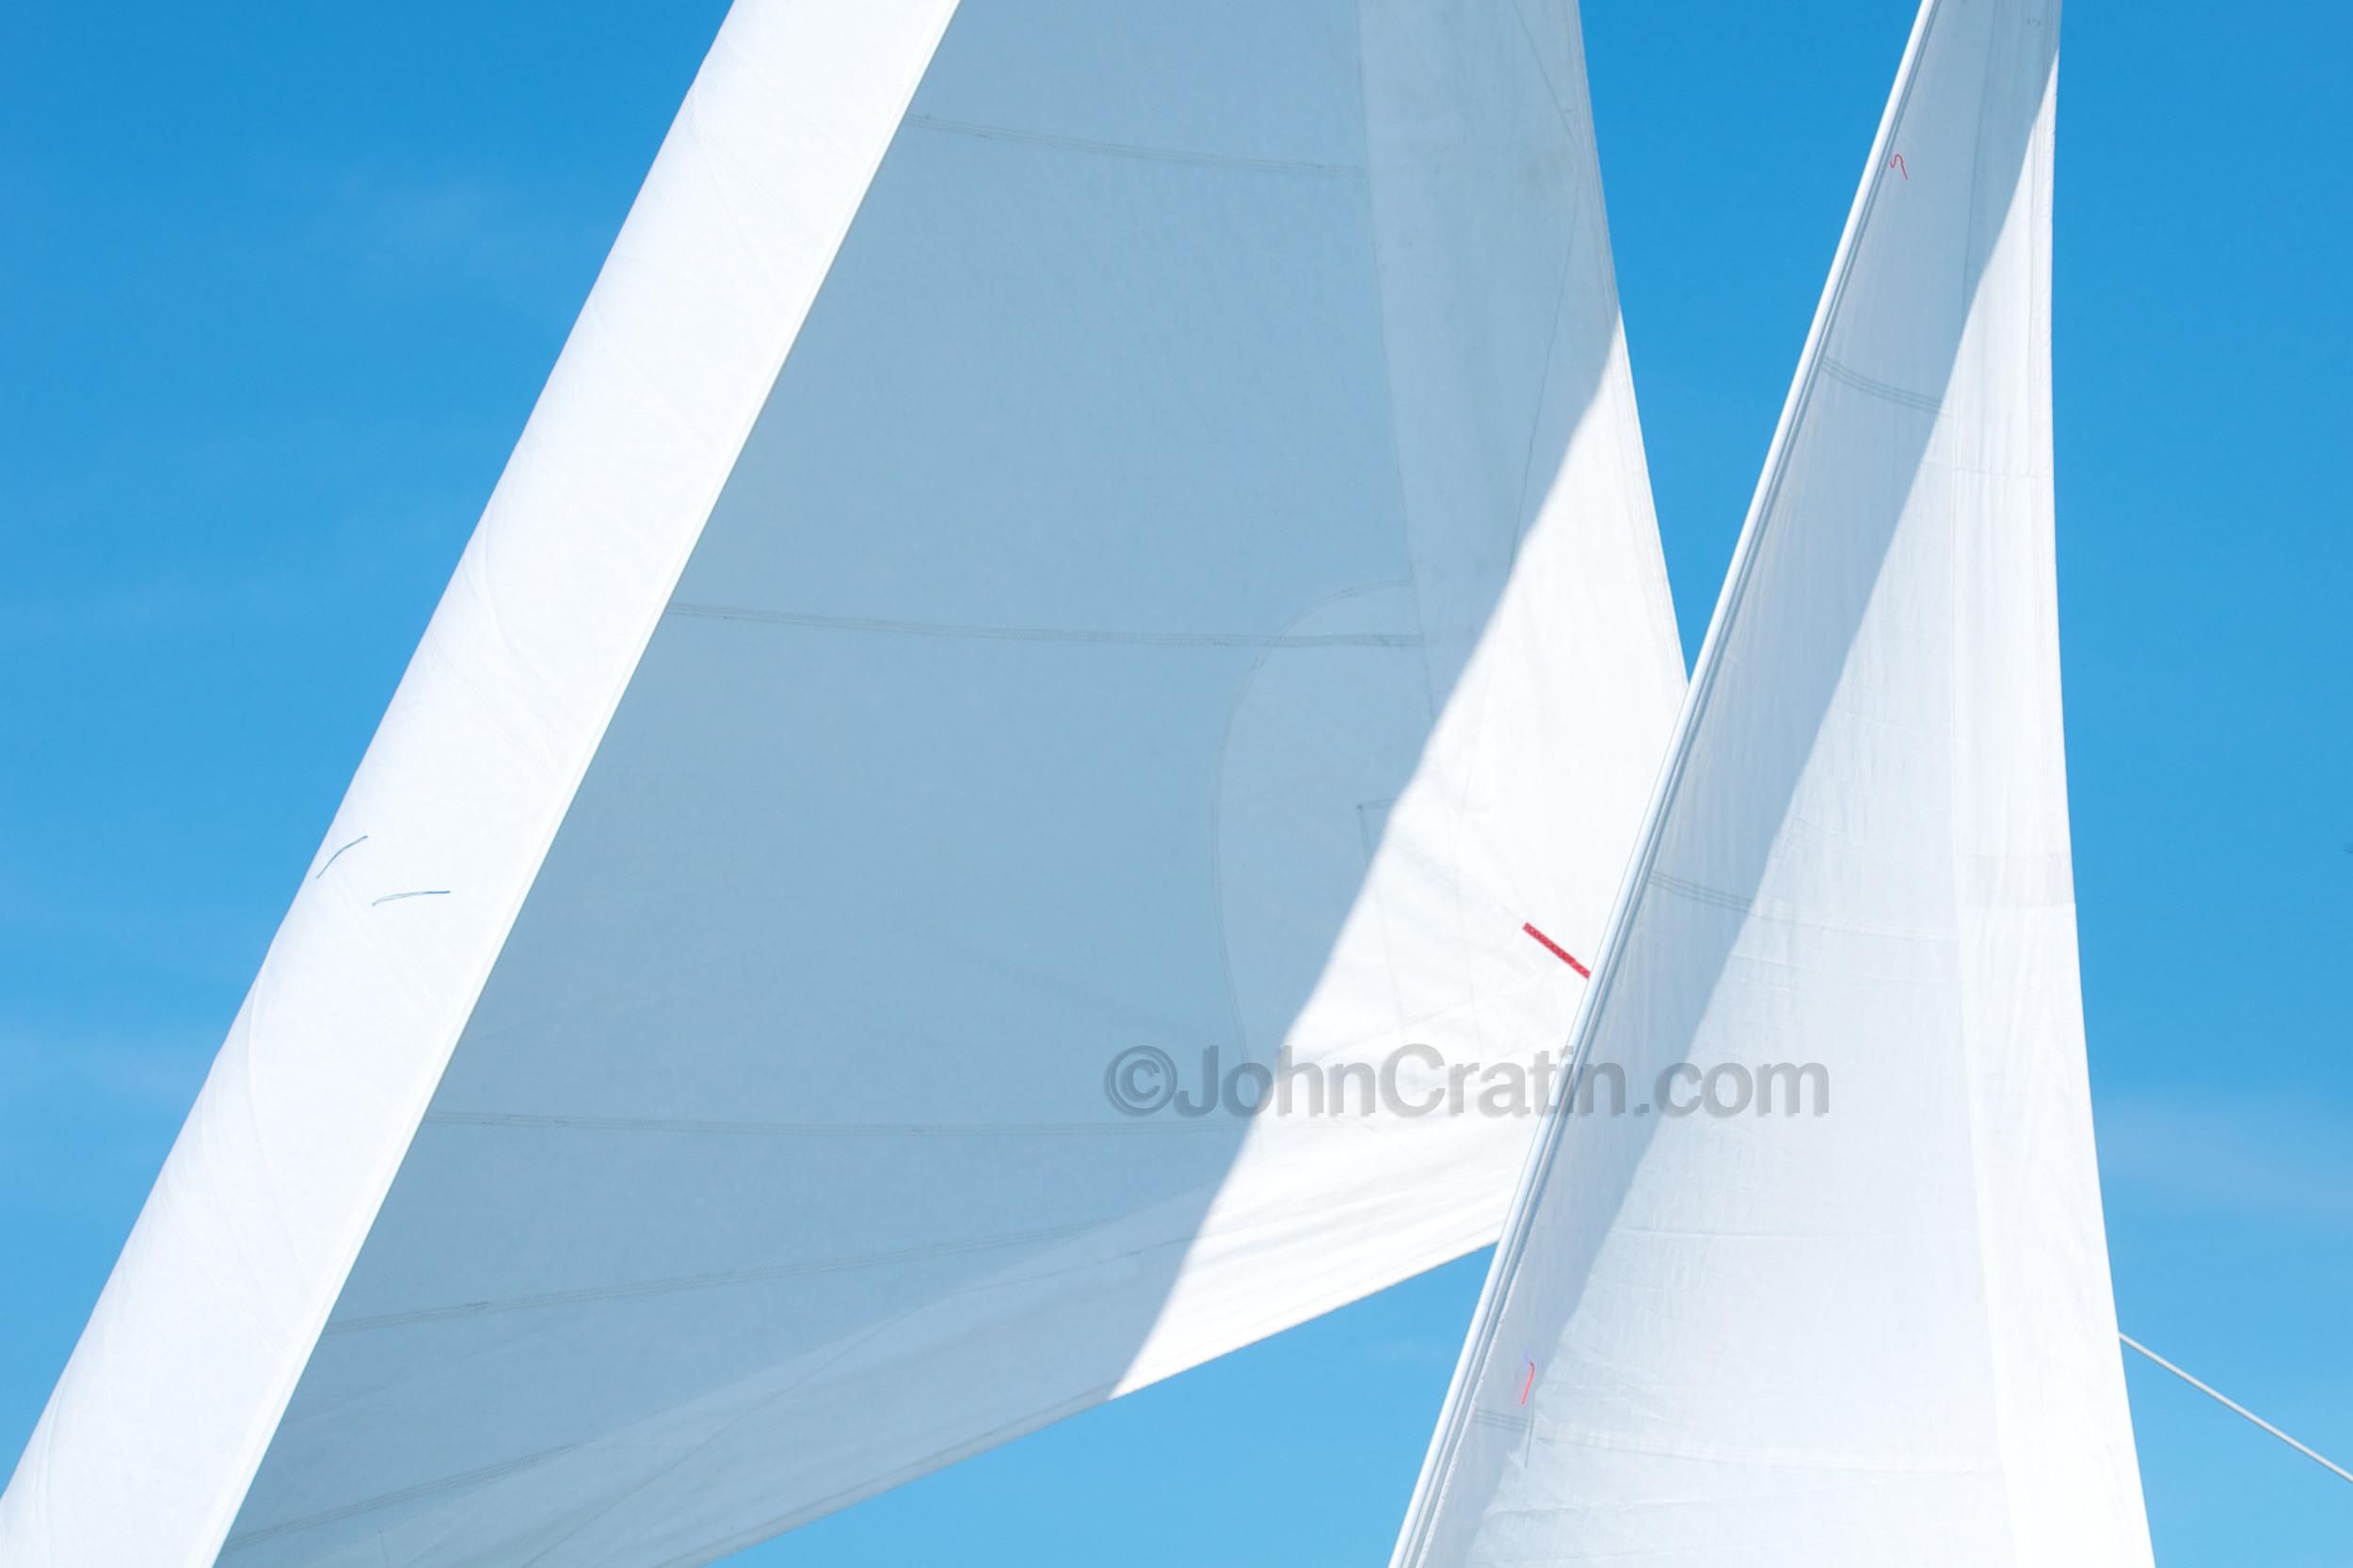 6m CU Sail points CR.jpg